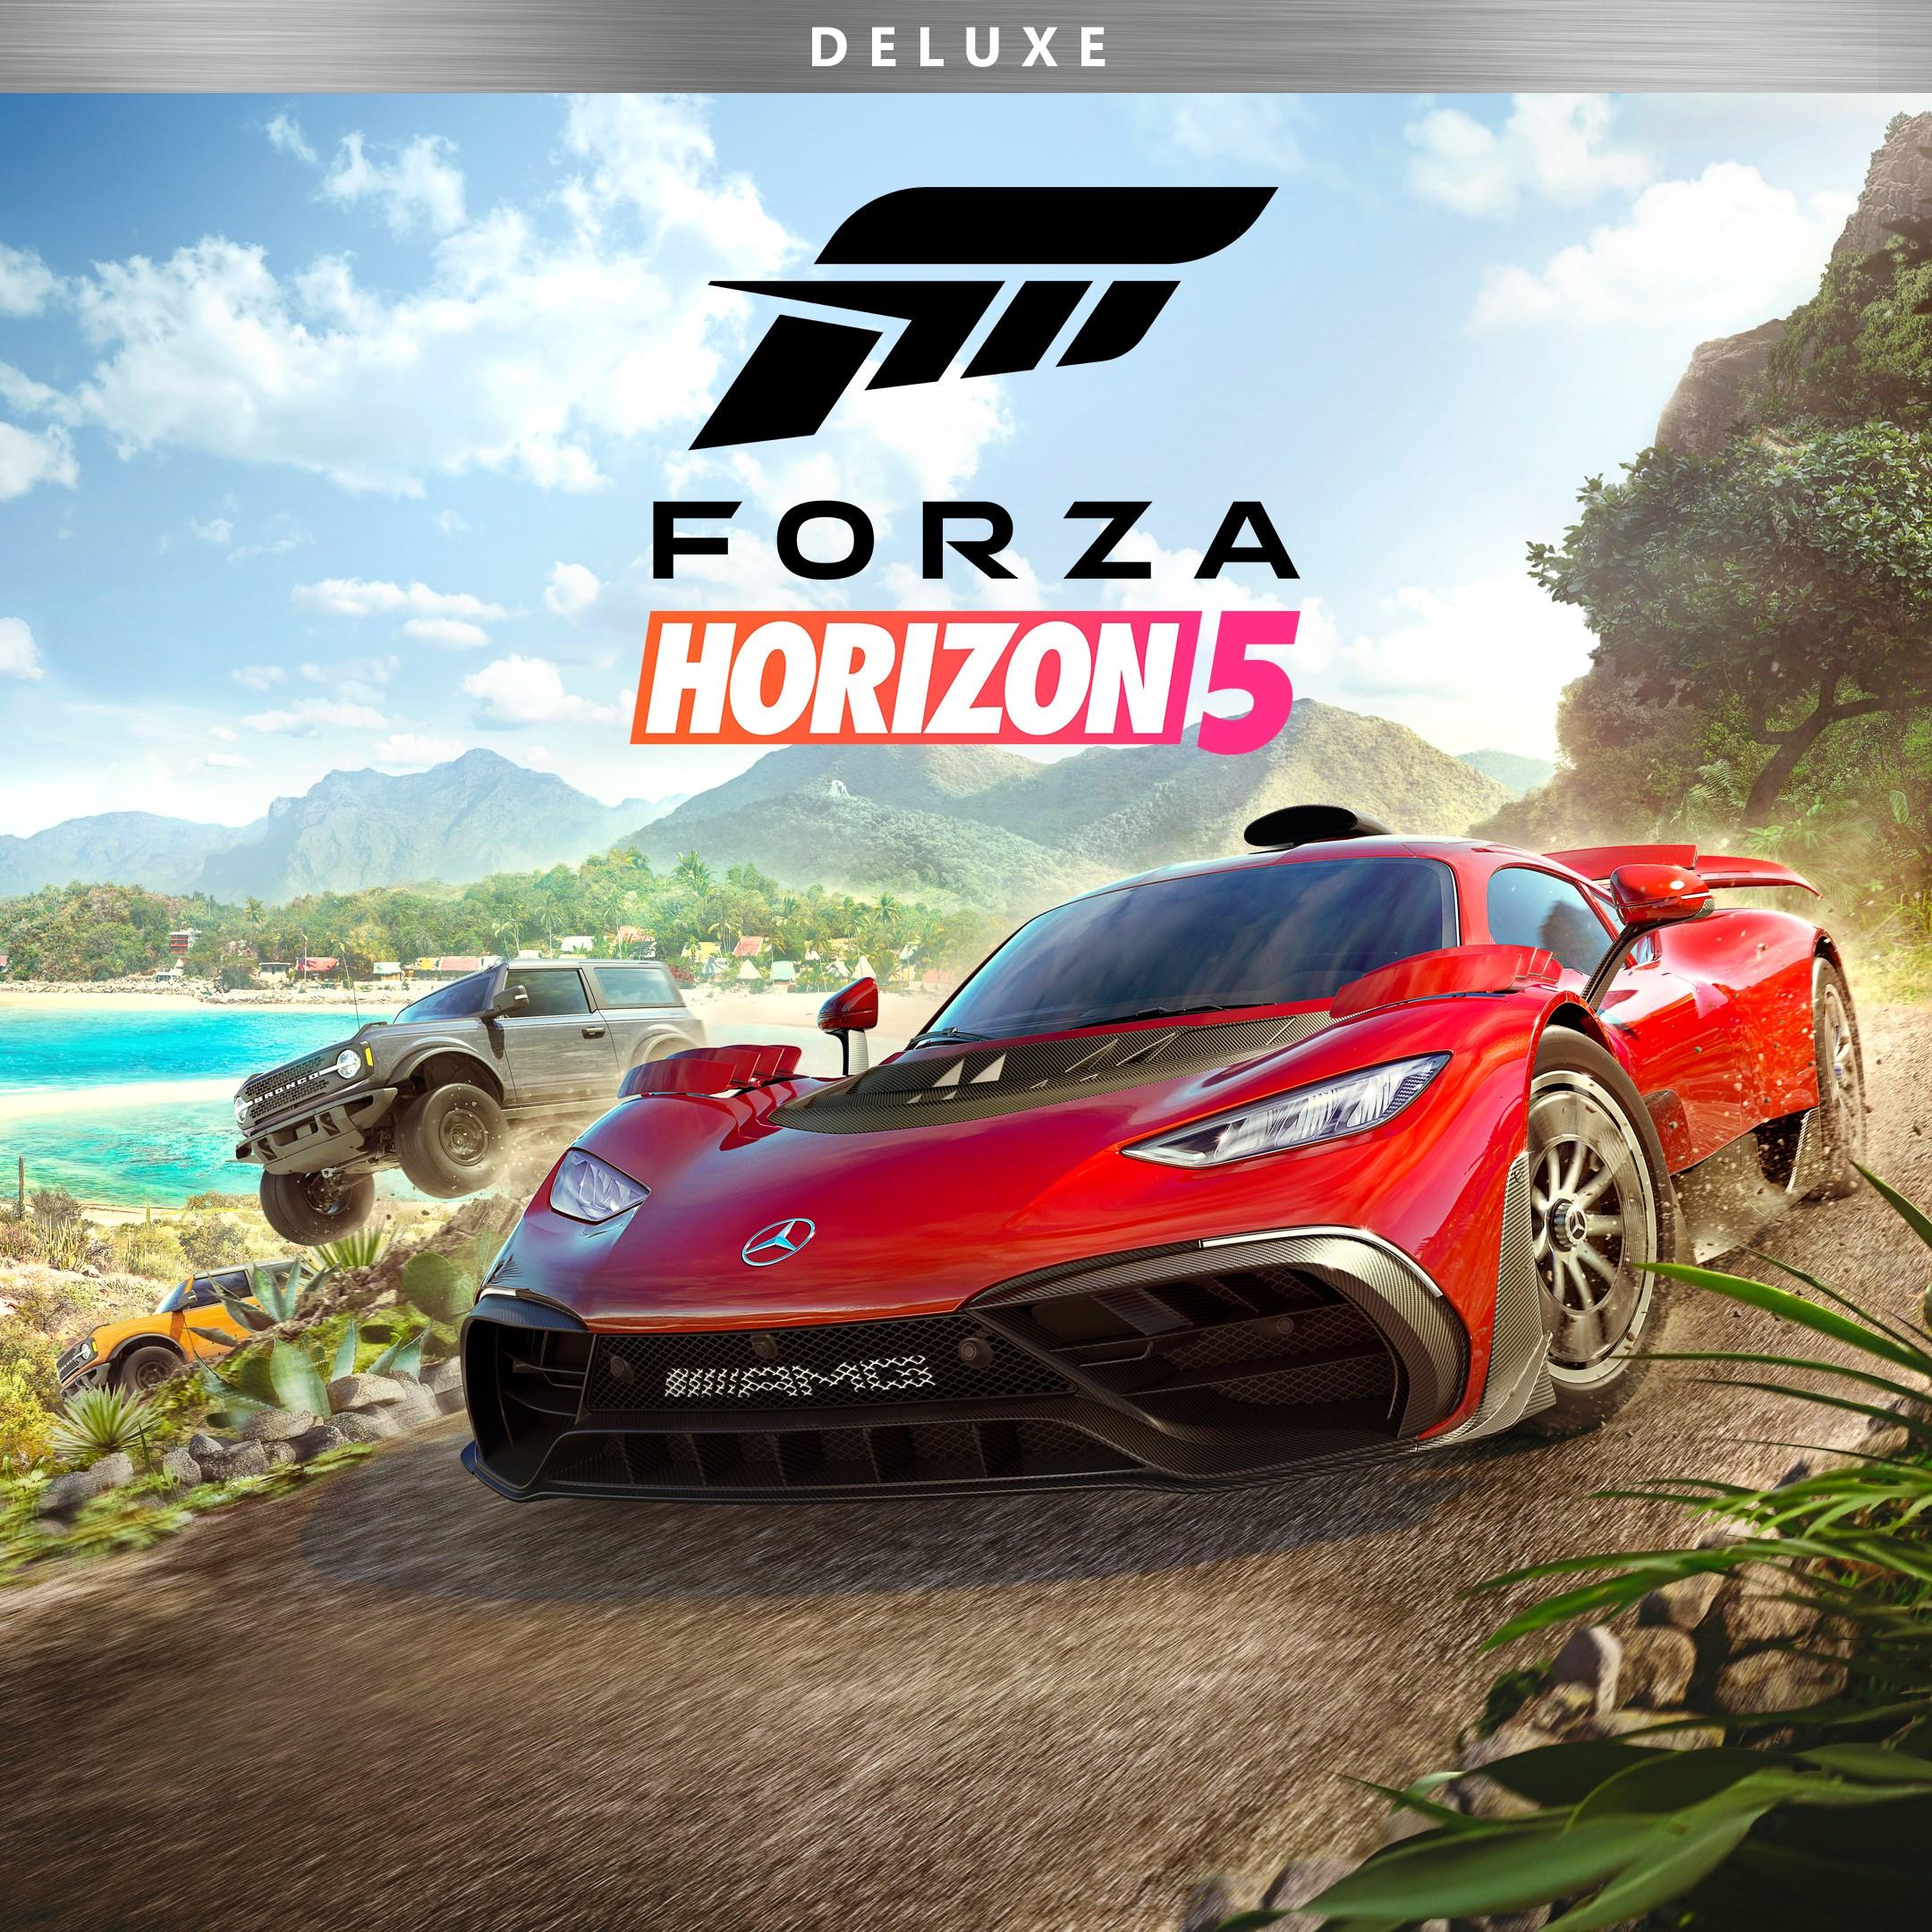 Forza Horizon 5 Deluxe Edition